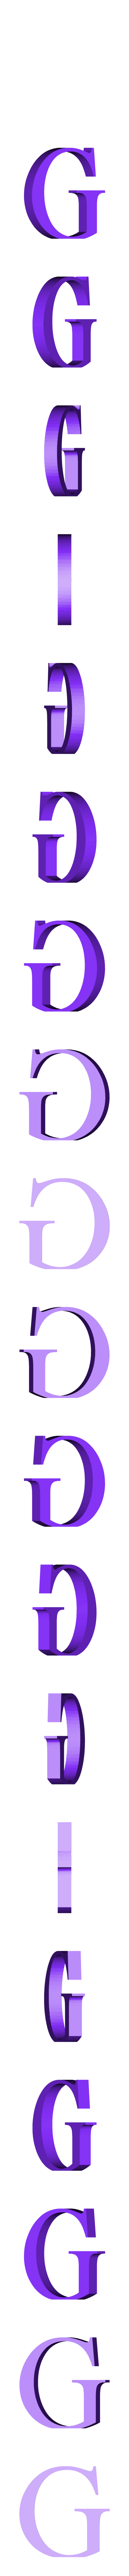 G.STL Télécharger fichier STL gratuit alphabet • Modèle pour imprimante 3D, Cerega